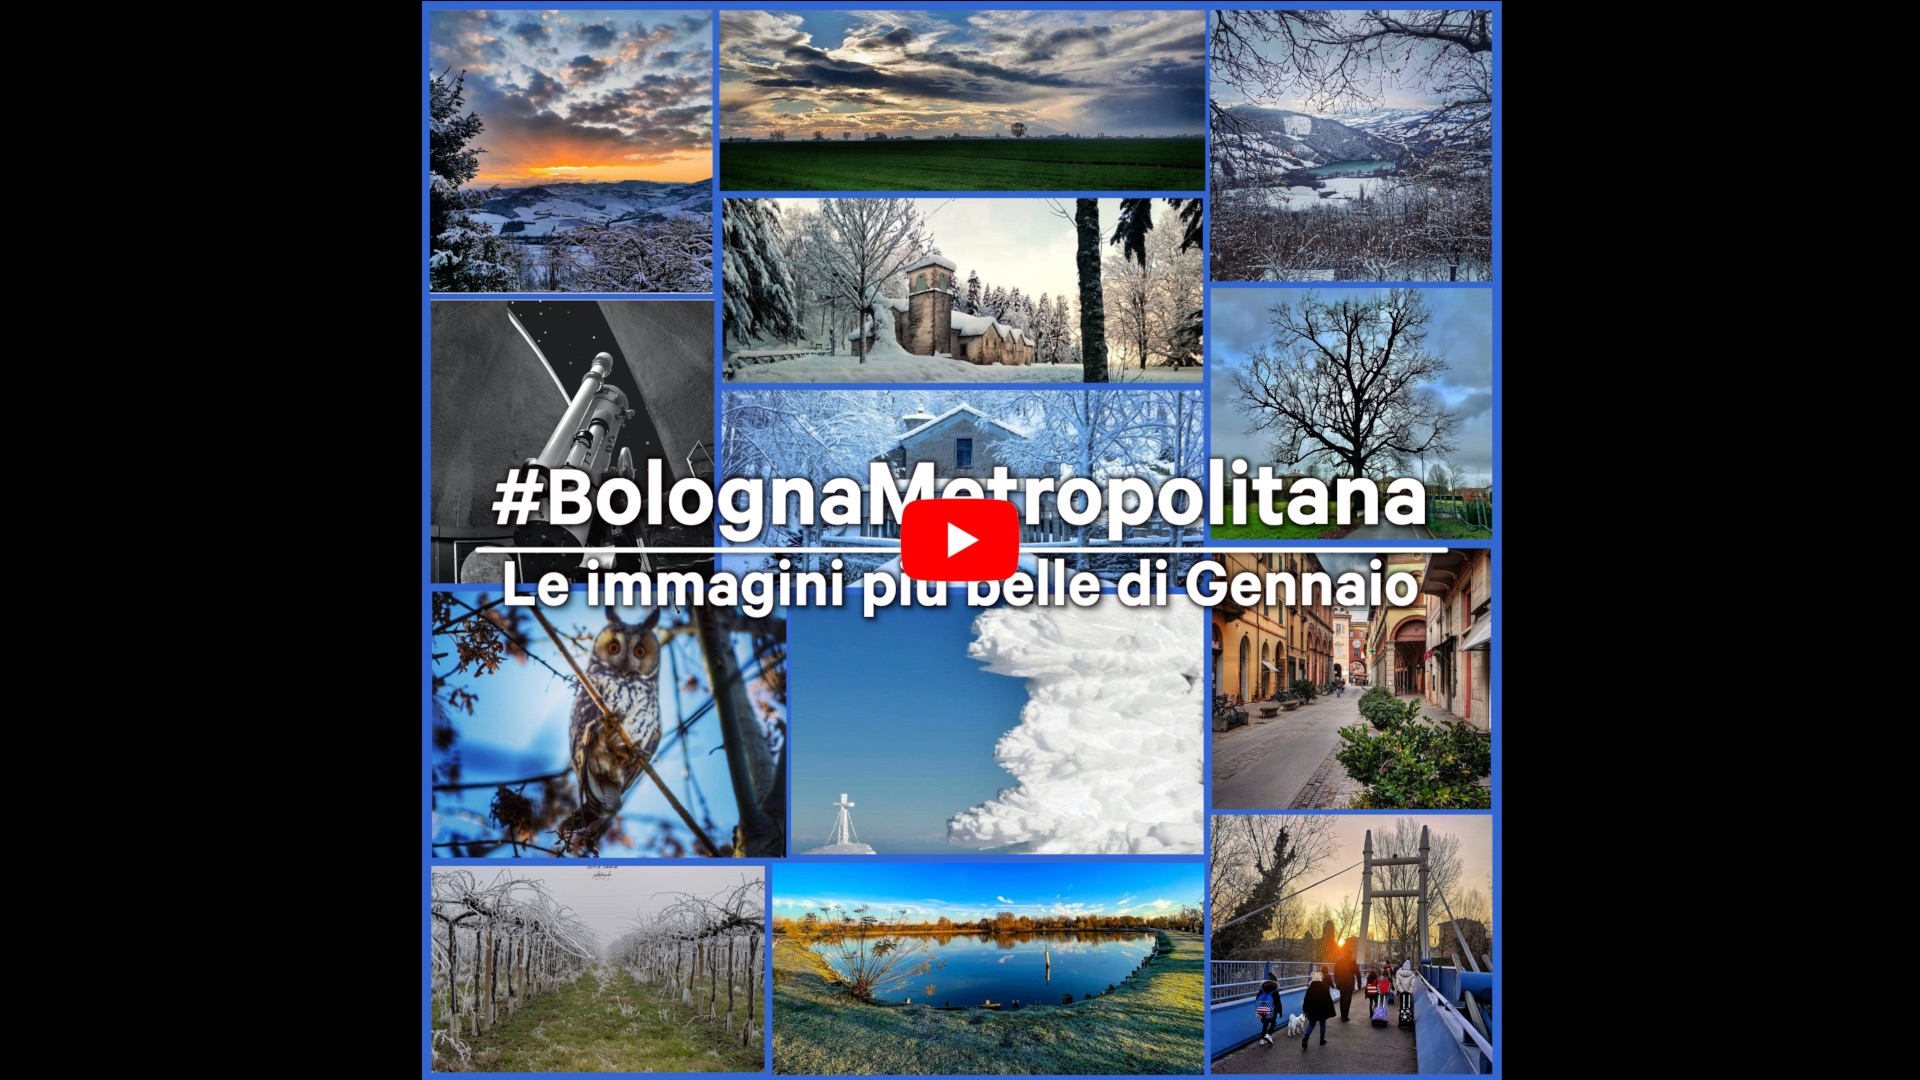 #BolognaMetropolitana - Le immagini più belle di gennaio 2021